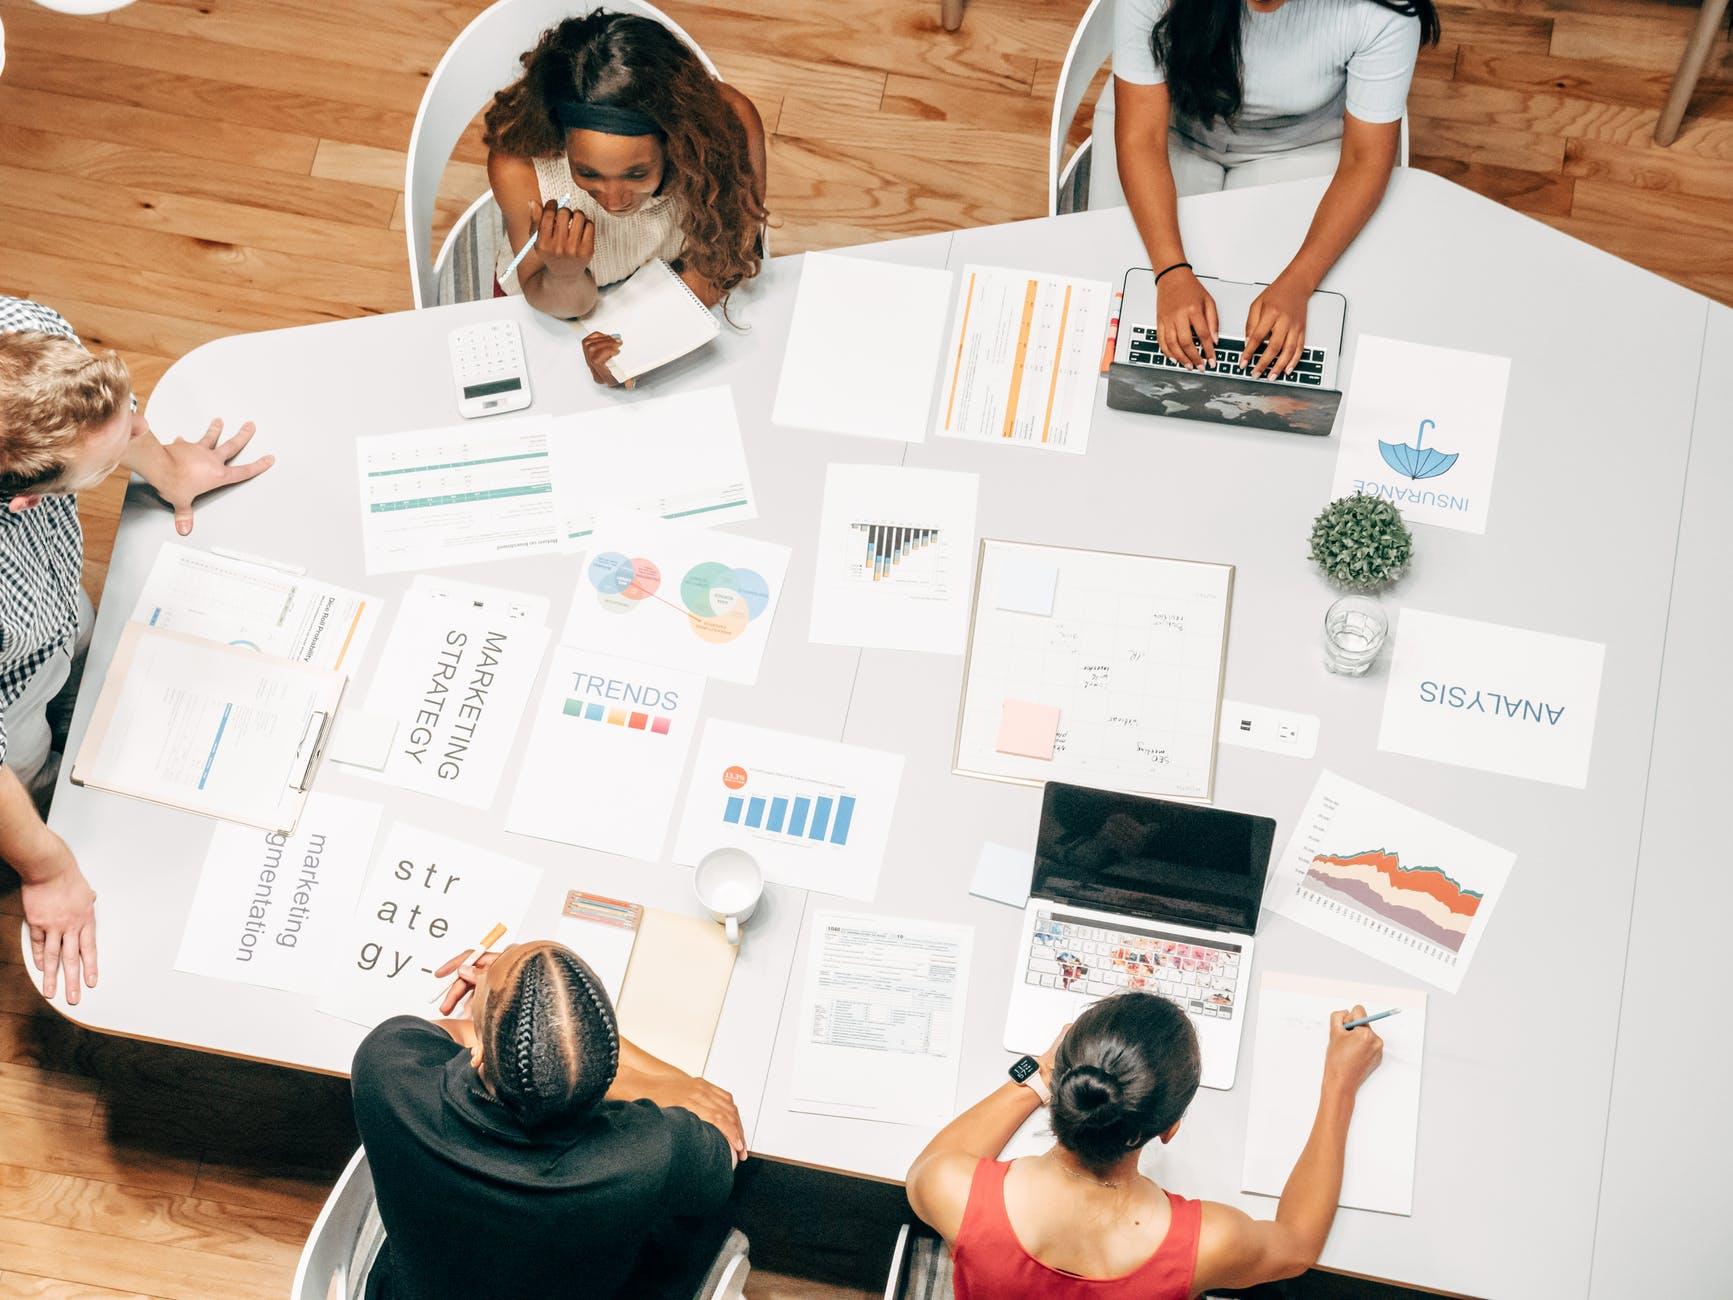 Marketing nos negócios: quando devo contratar agência de publicidade?